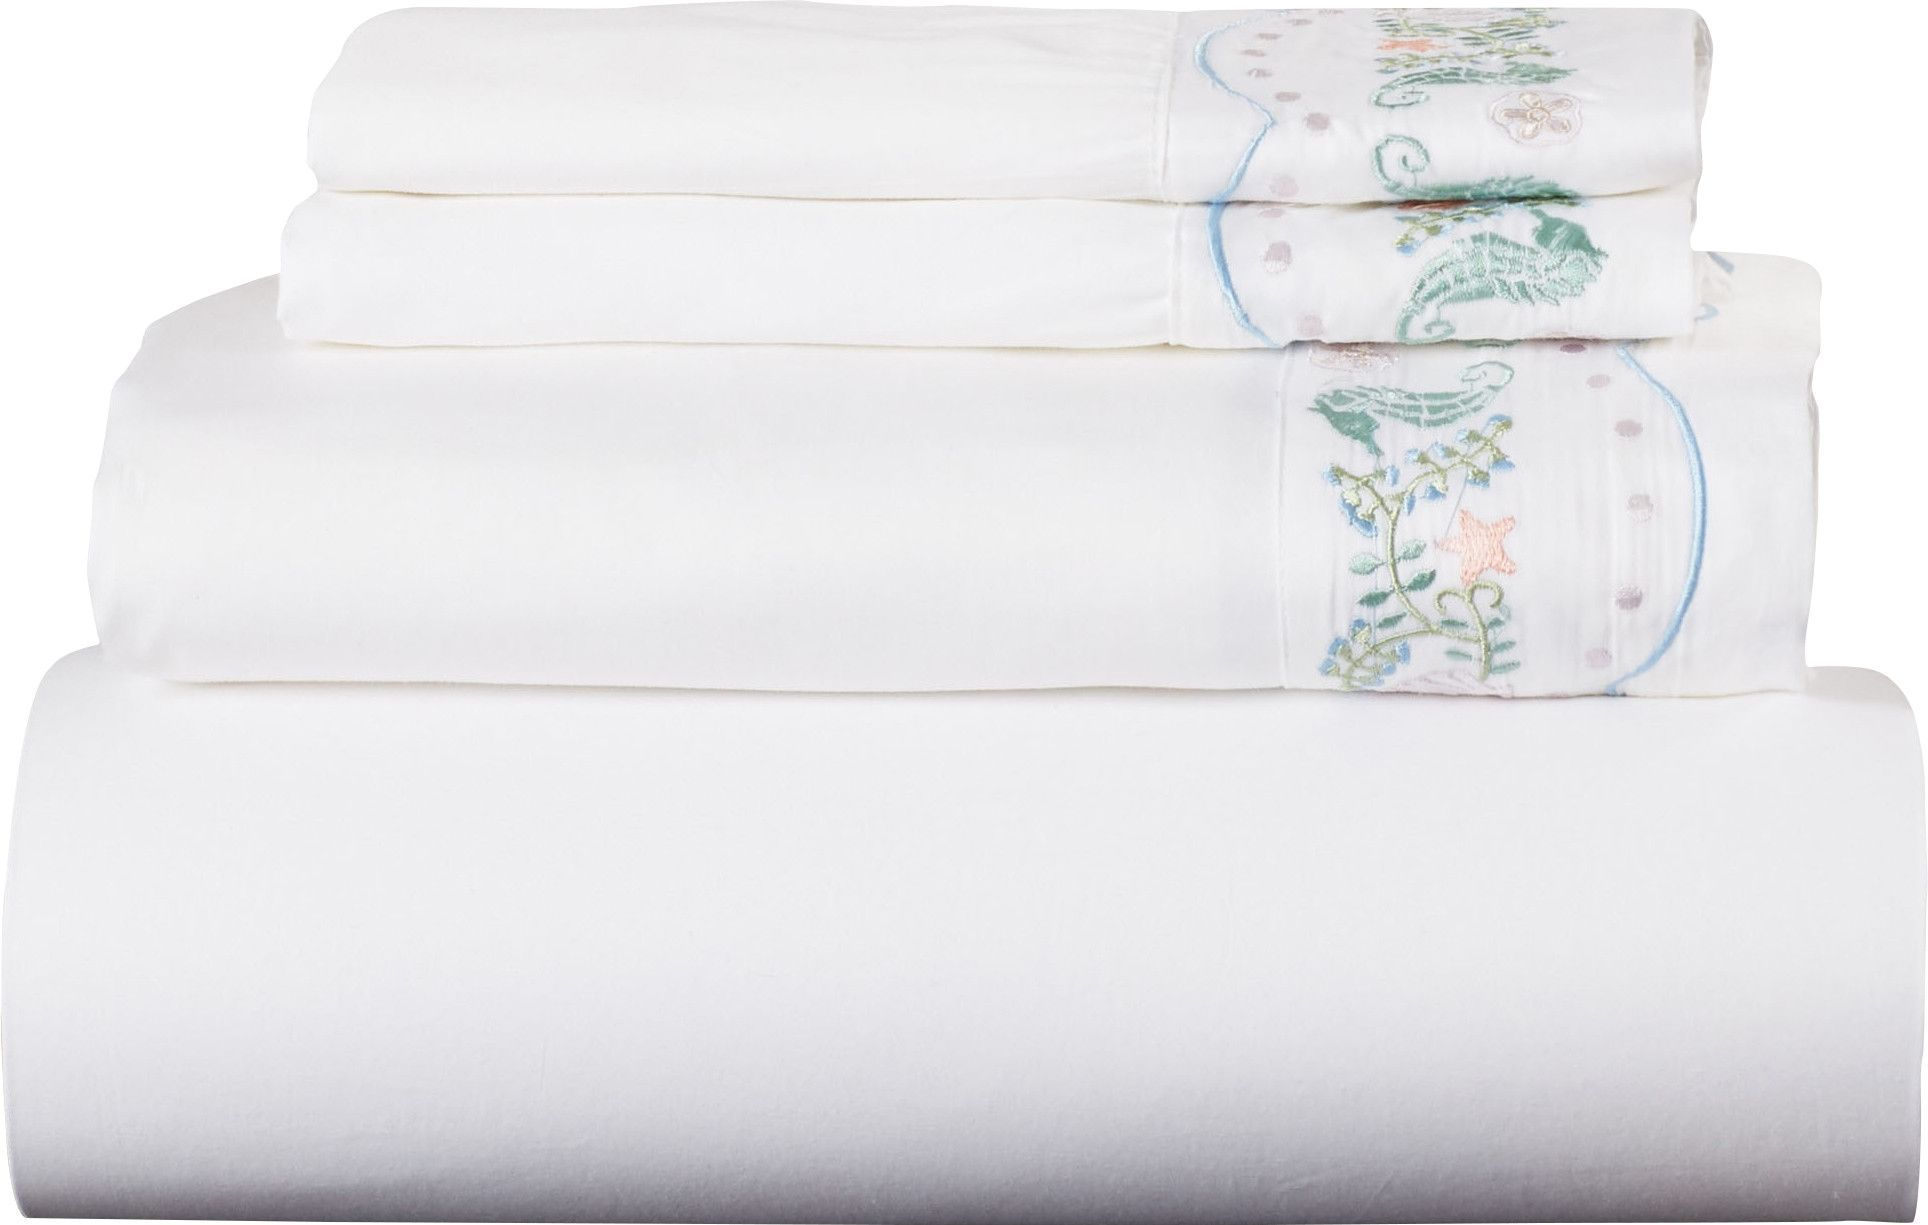 Naranja sand dollar thread count sheet set count cotton